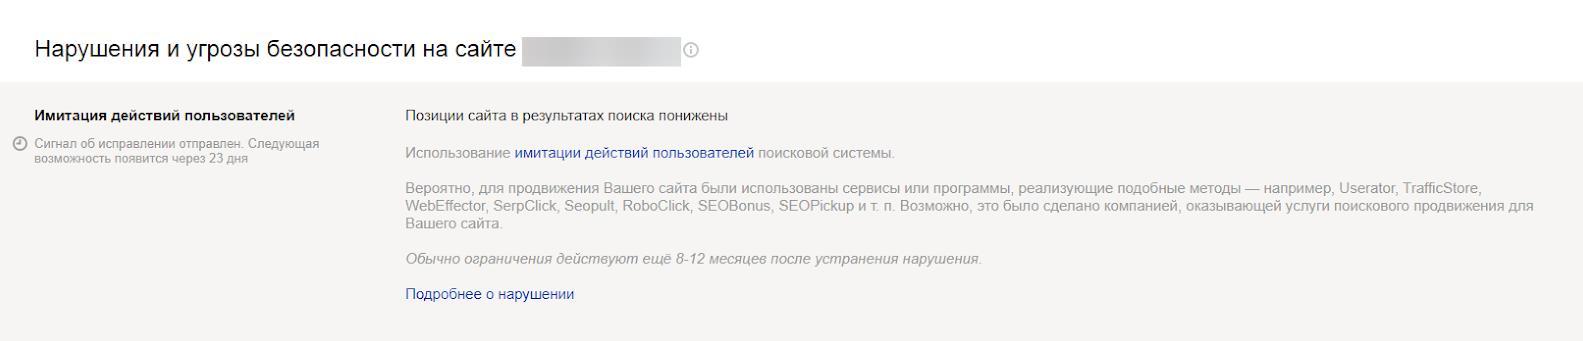 Фильтр от Яндекса за накрутку ПФ